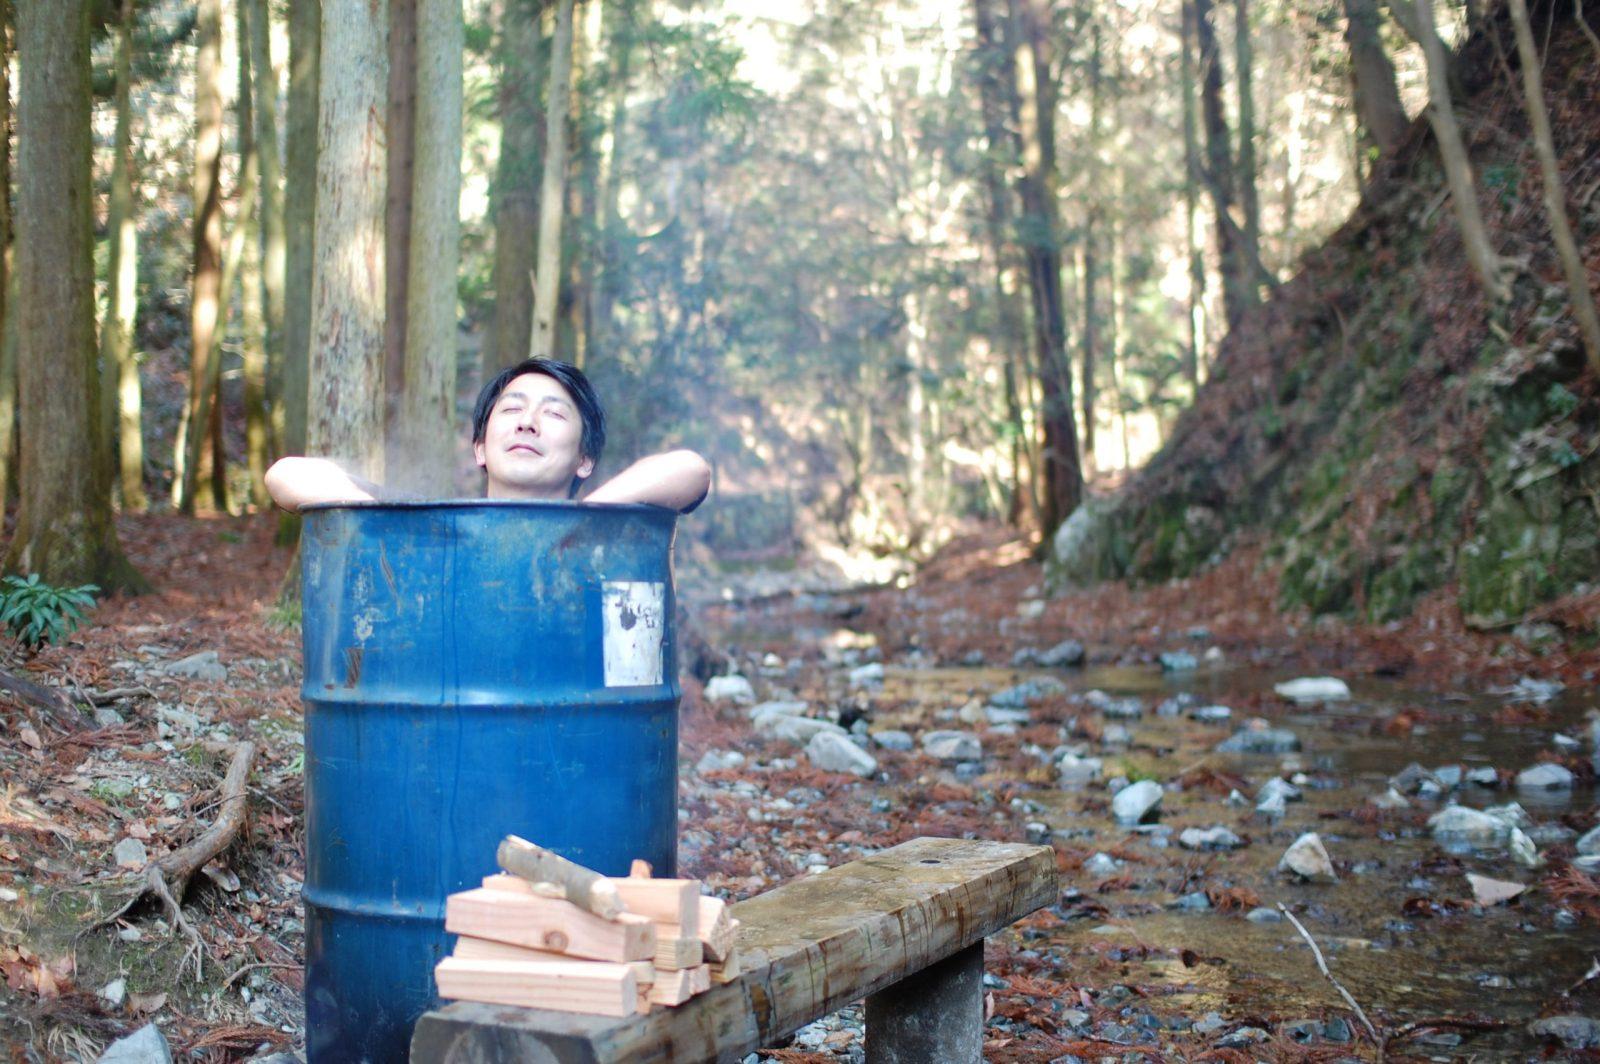 ドラム缶風呂研修から学ぶ「豊かさ」について